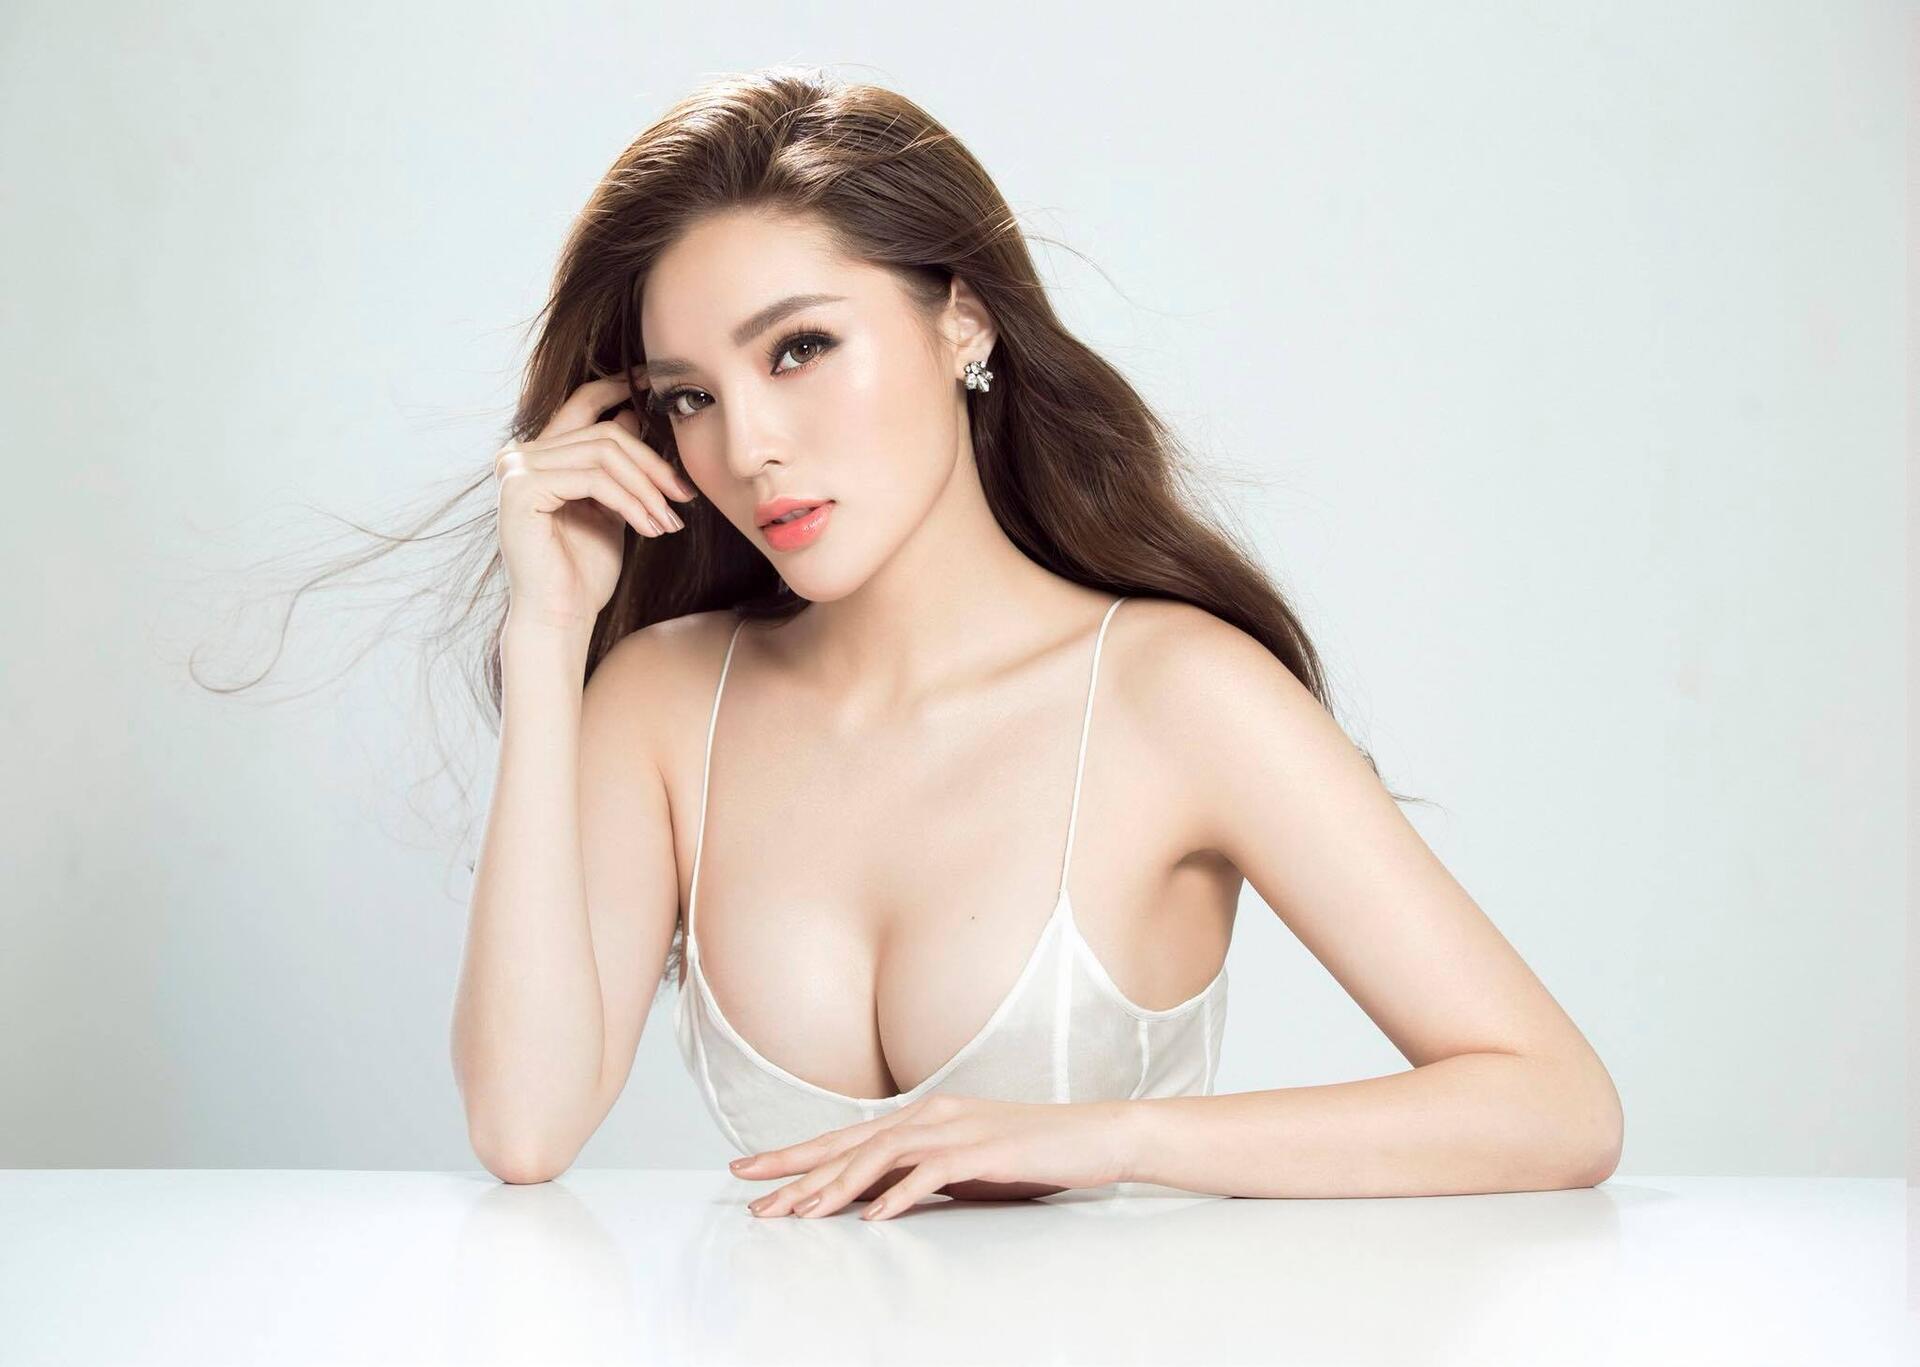 https://cdn.dailyxe.com.vn/image/soc-hoa-hau-ky-duyen-bi-chi-trich-khi-dang-anh-khong-mac-ao-nguc-tren-sieu-xe-8-98889j2.jpg